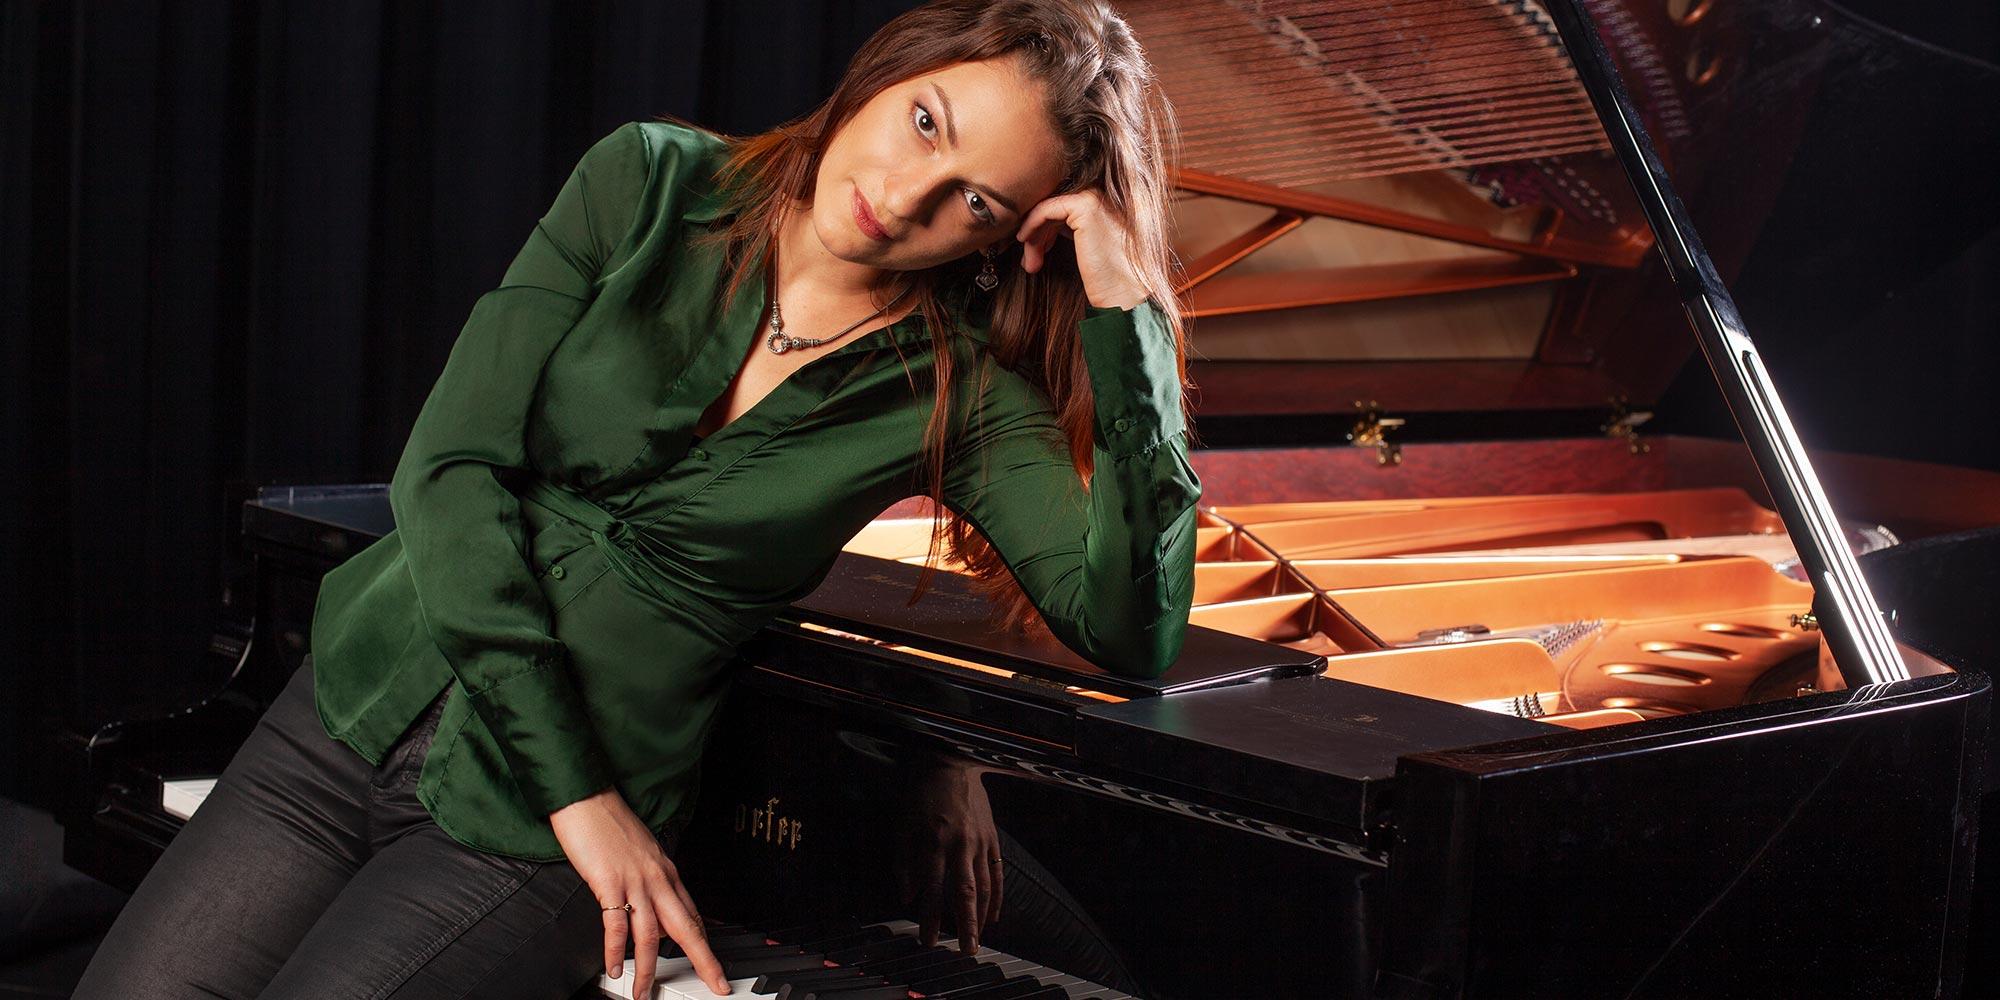 Maria Radutu